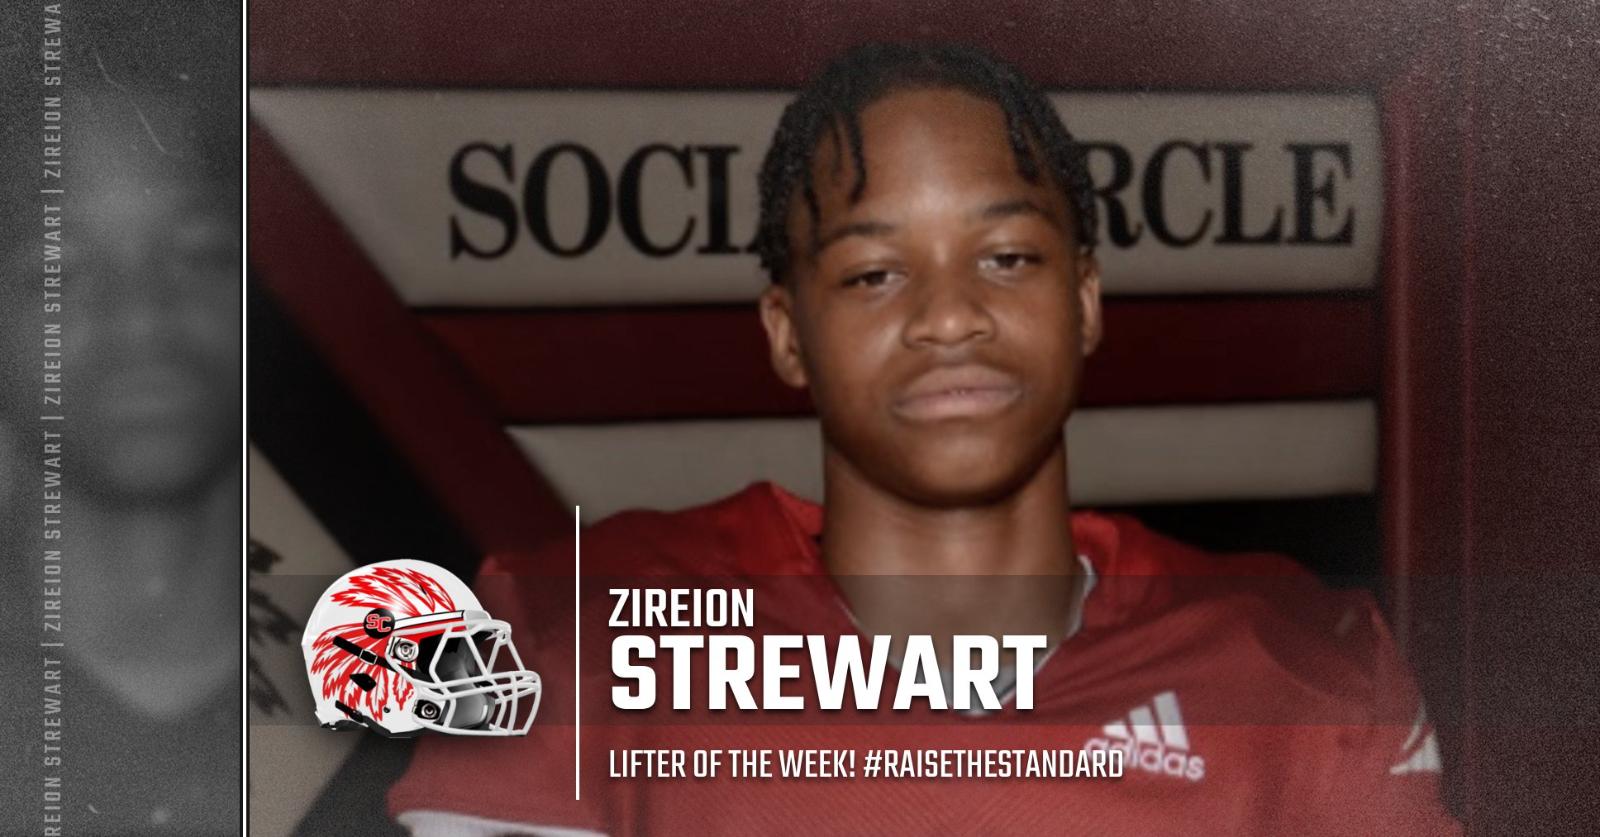 SC Football Lifter of the Week: Zireion Stewart